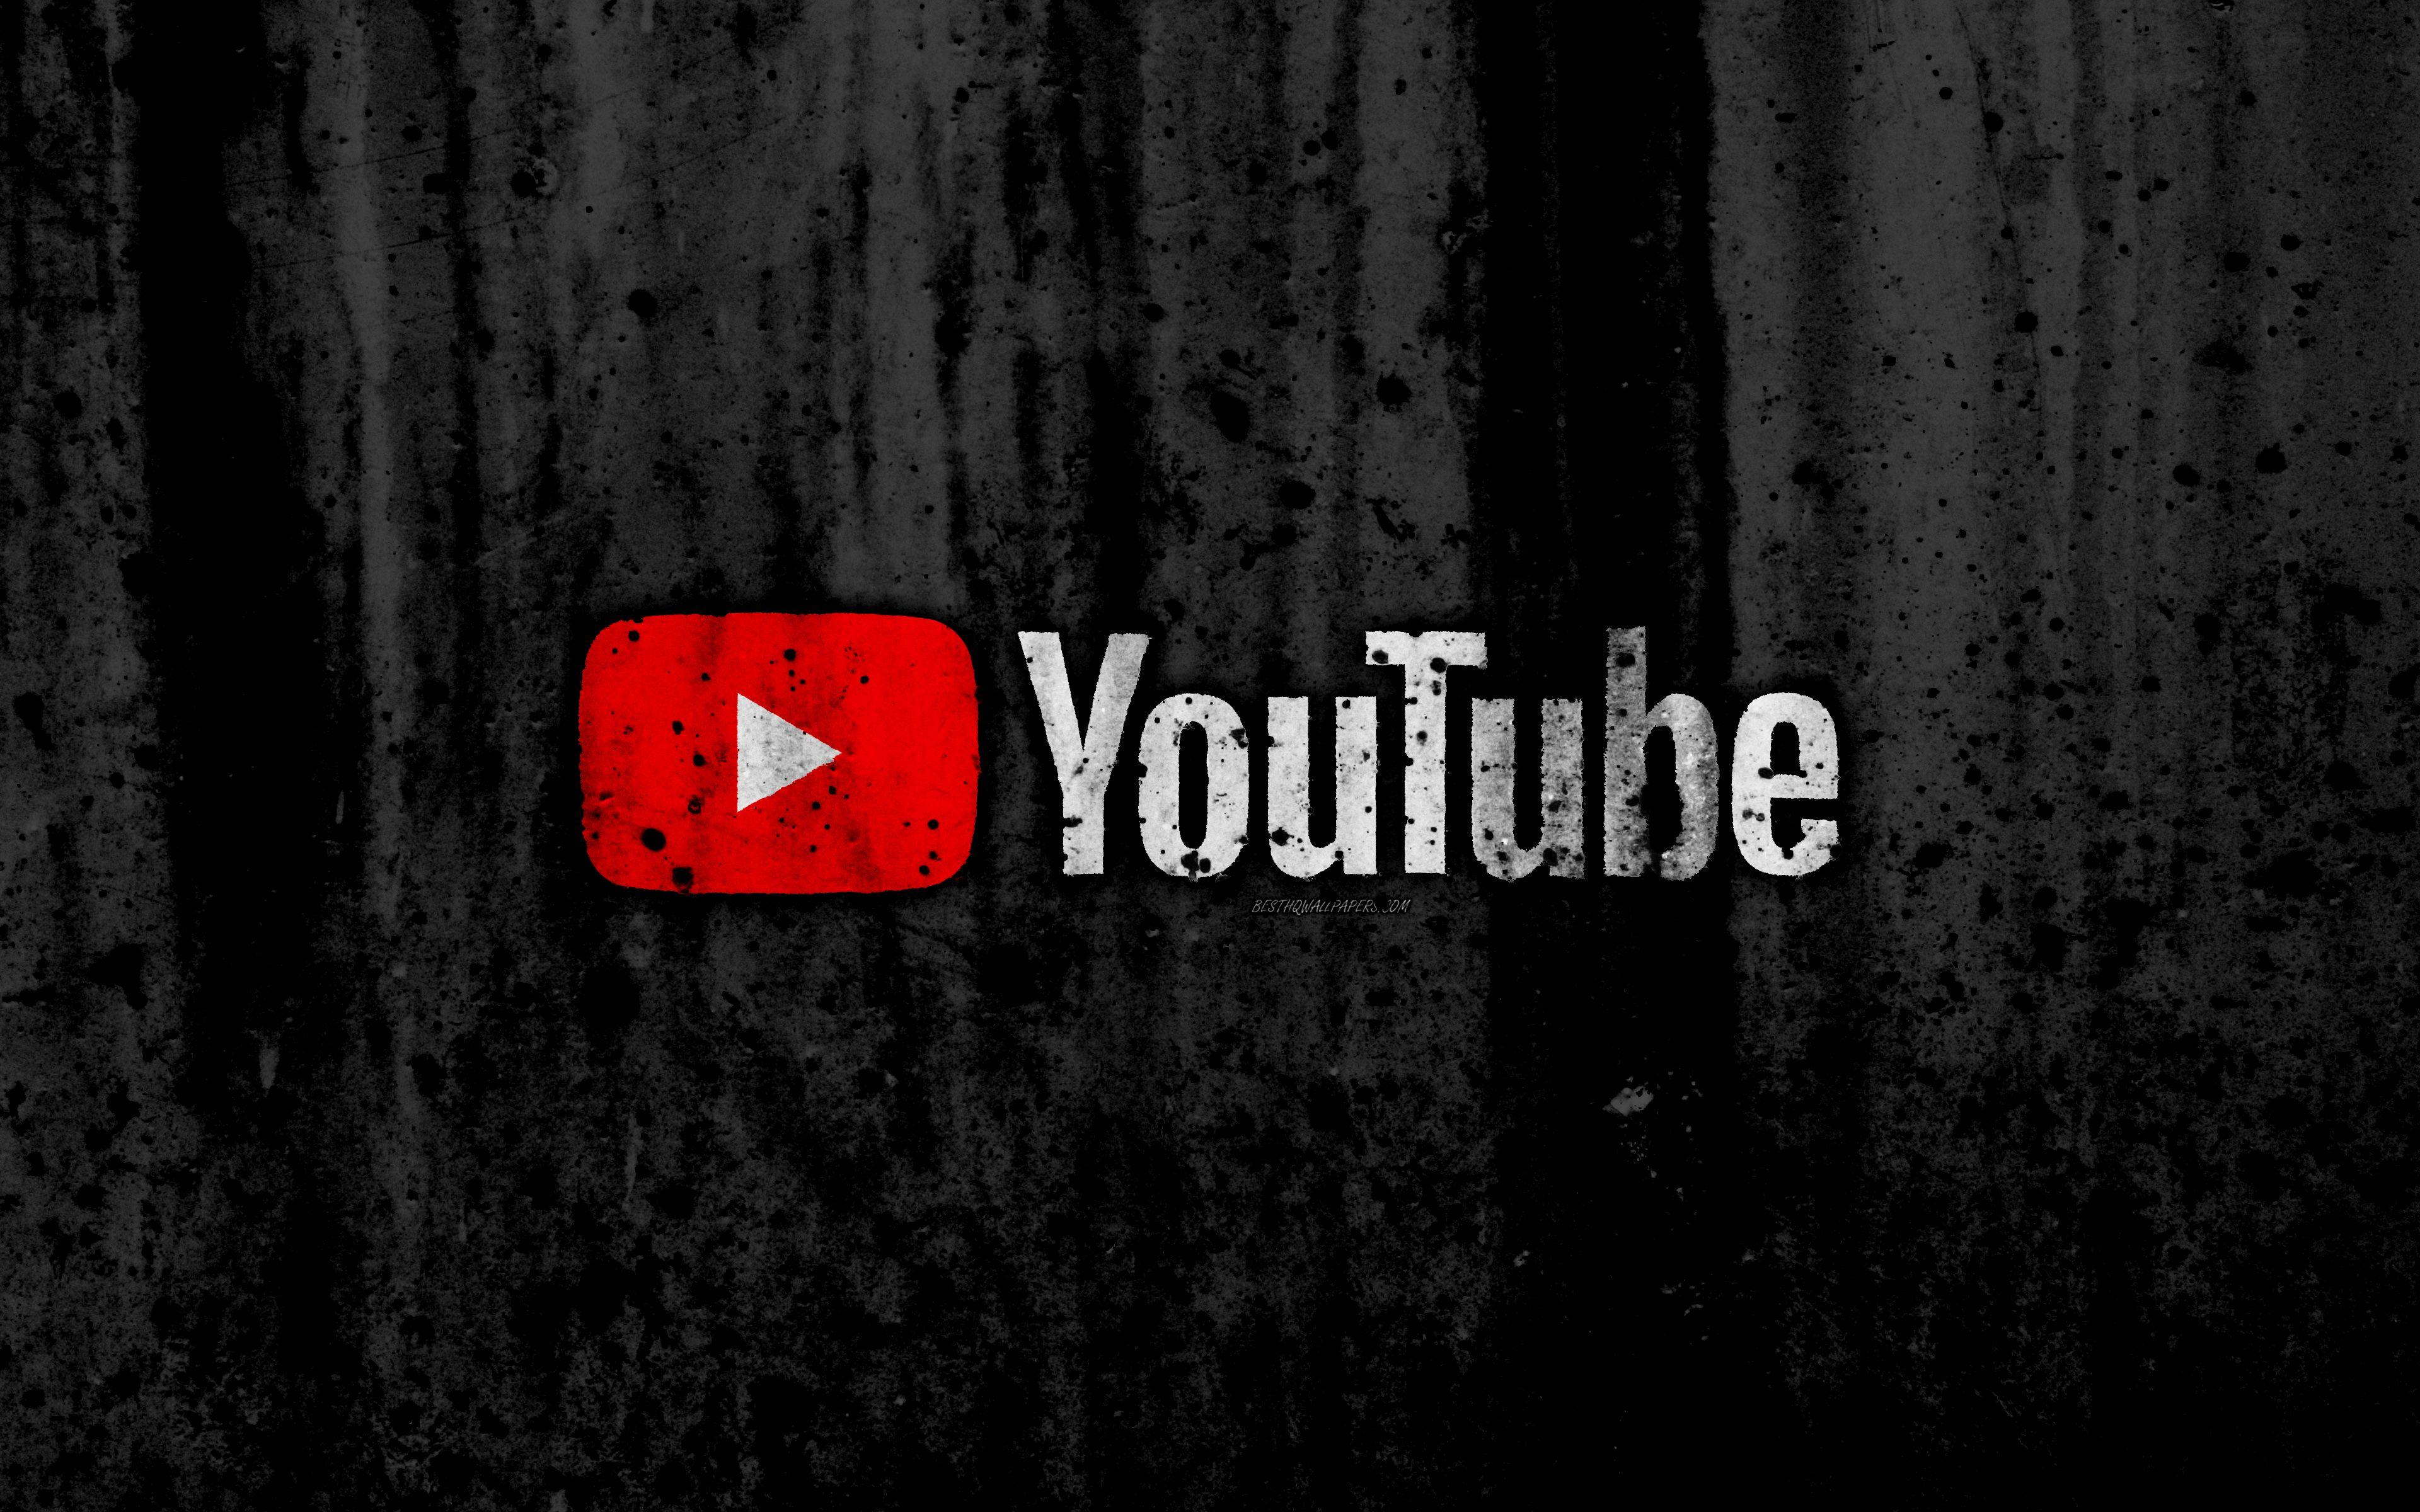 Youtube 4k Logo Grunge Black Background Youtube Logo Em 2020